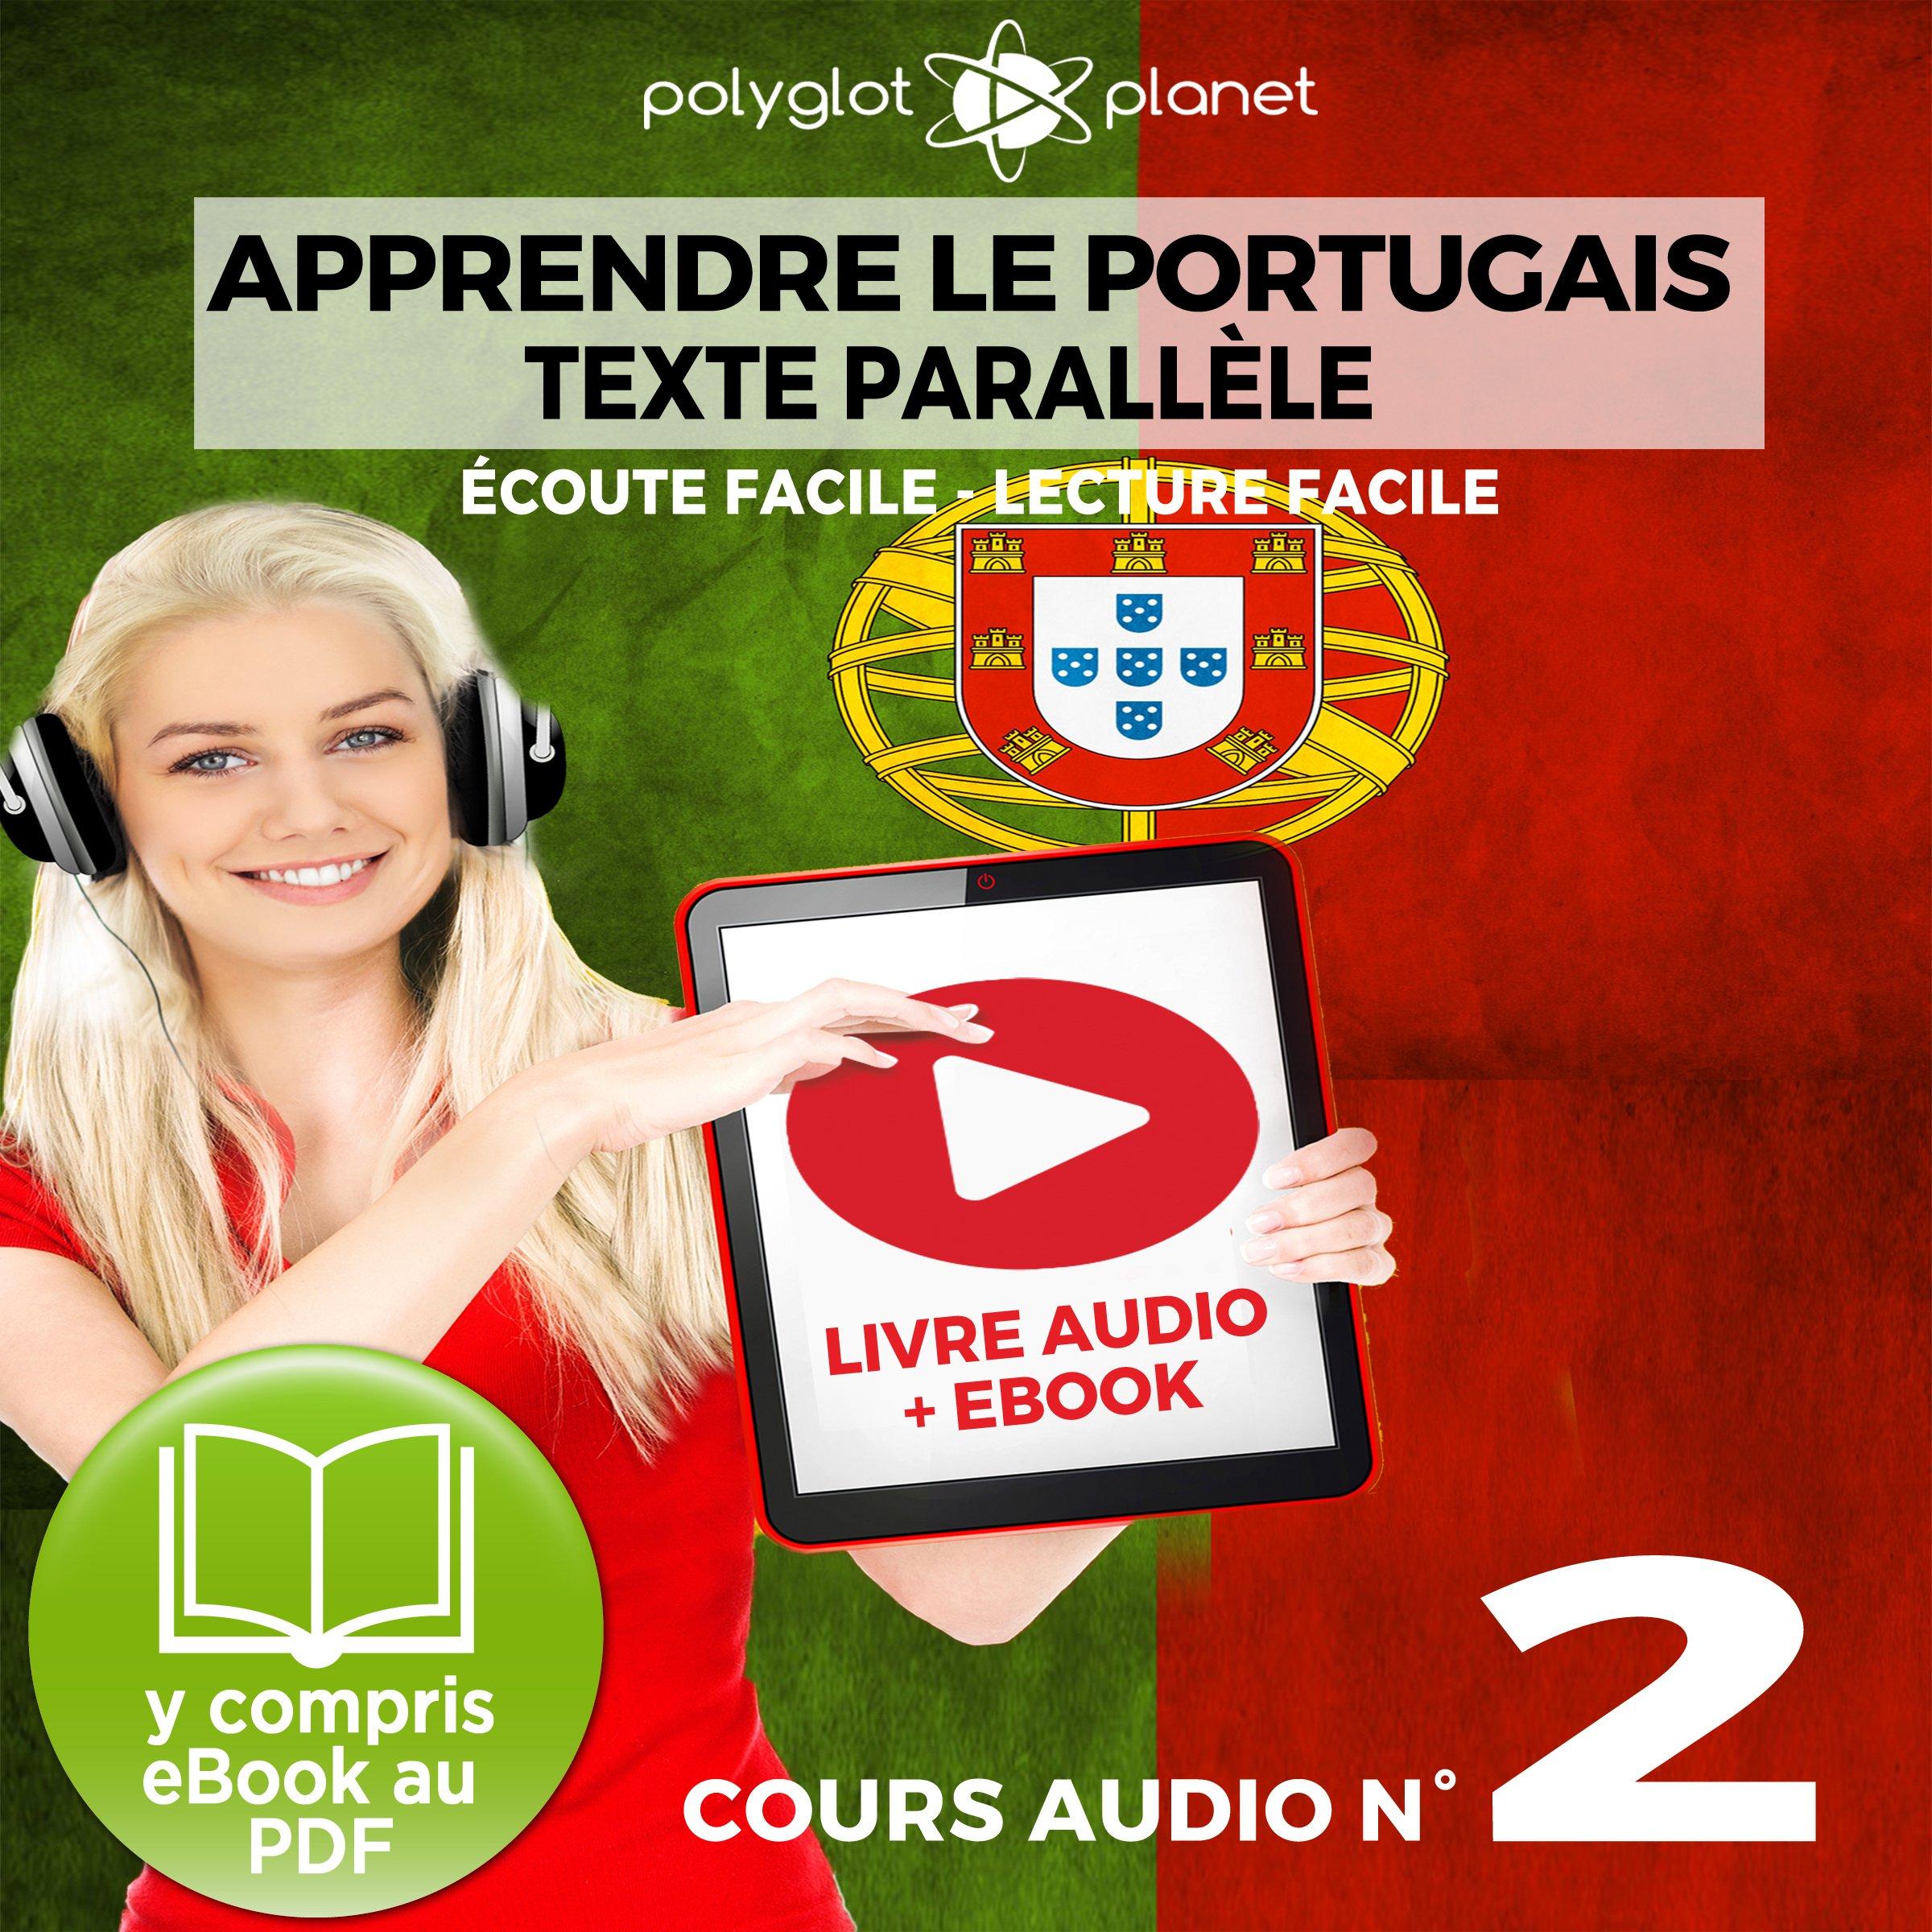 Apprendre Le Portugais   Texte Parallèle   Écoute Facile   Lecture Facile  Cours Audio No. 2  Learn Portugese   Lire Et Écouter Des Livres En Portugais